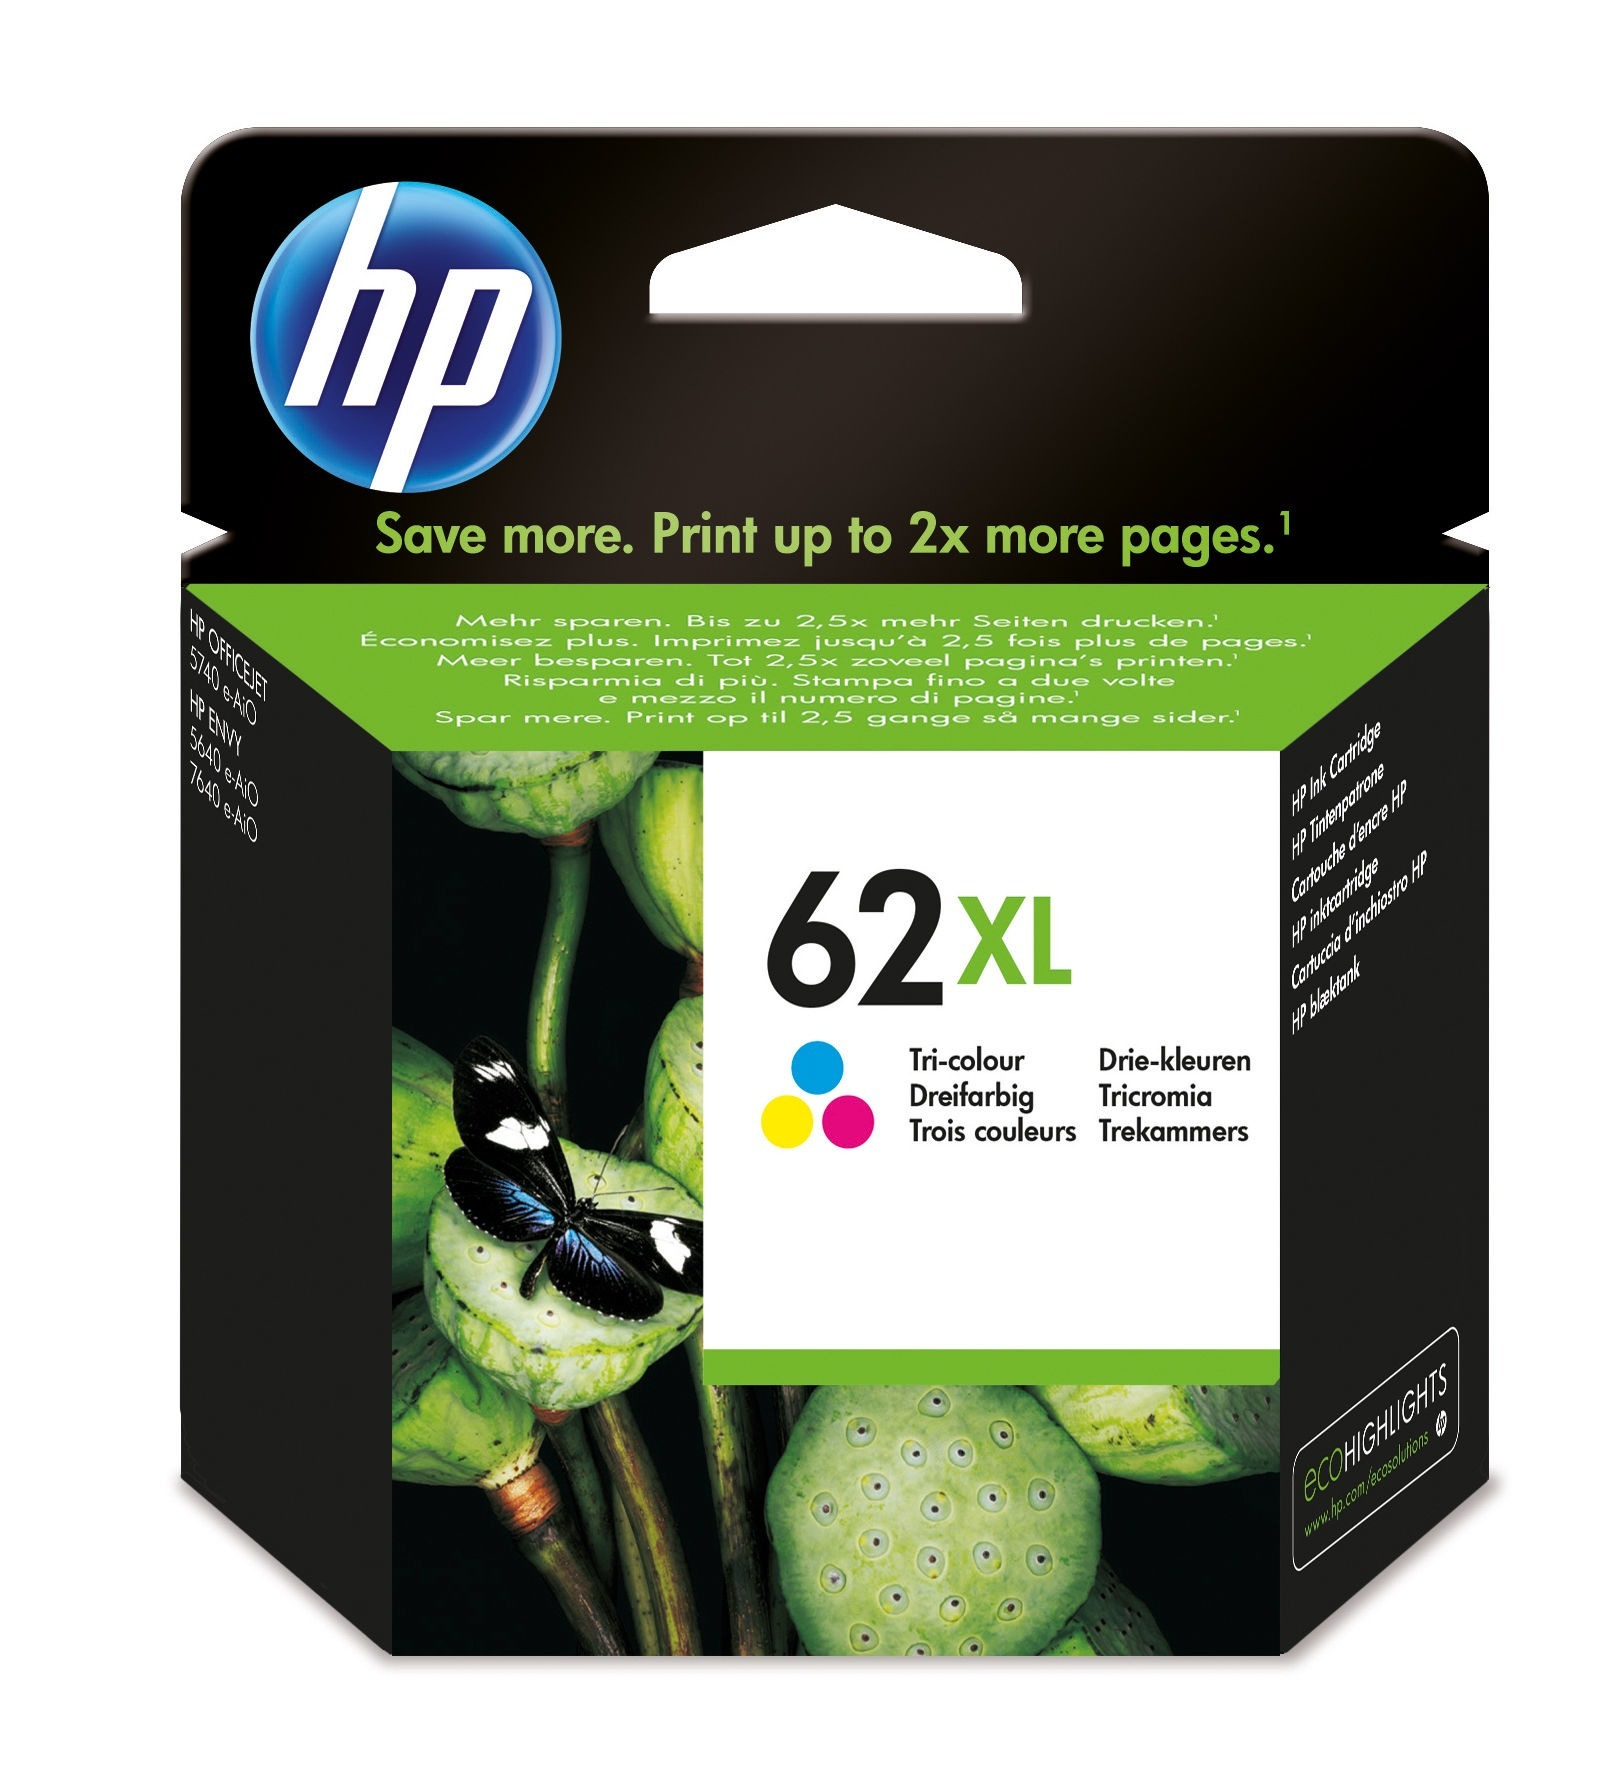 Op Perfect LCD is alles over computer te vinden: waaronder expert en specifiek HP 62XL Inkt